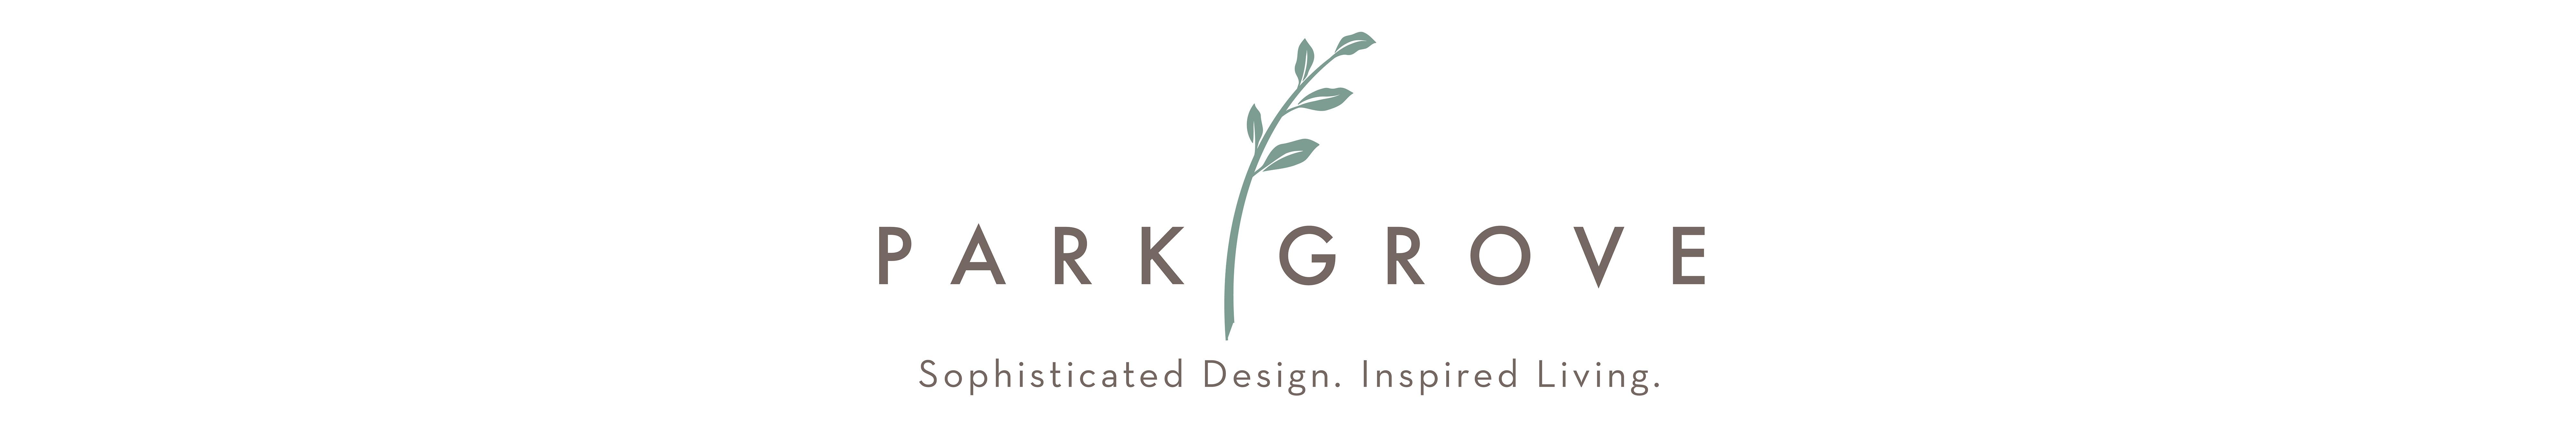 Park Grove logo - banner